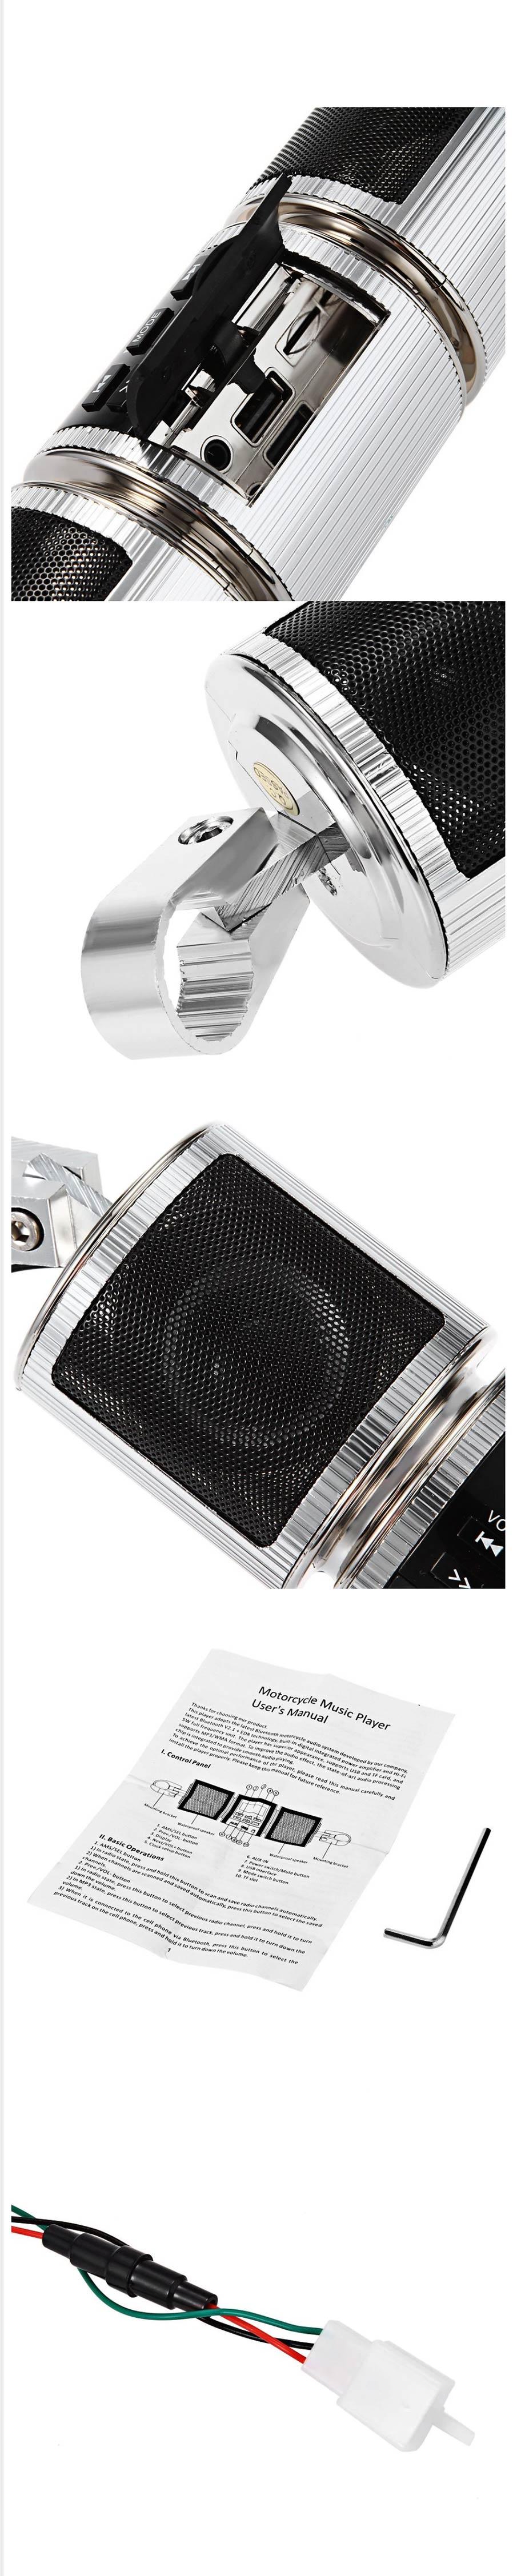 476eb1d059bd8 Motocicleta MP3 Player De Música, Motocicleta Bluetooth Alto-falante ...